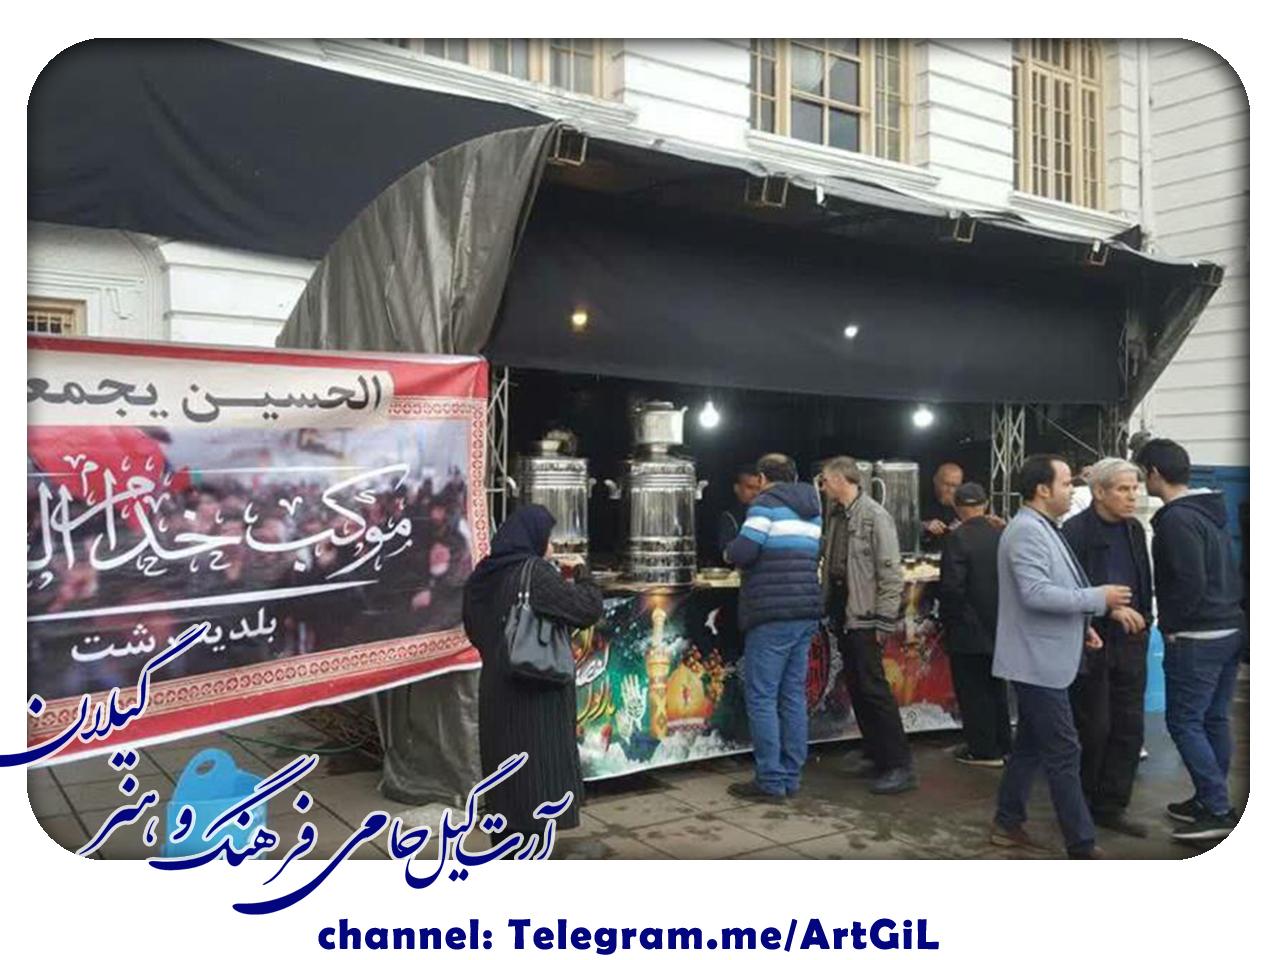 برپایی ایستگاه های صلواتی خدام العتره به مناسبت ایام شهادت ائمه اطهار (ع) در پیاده راه فرهنگی رشت